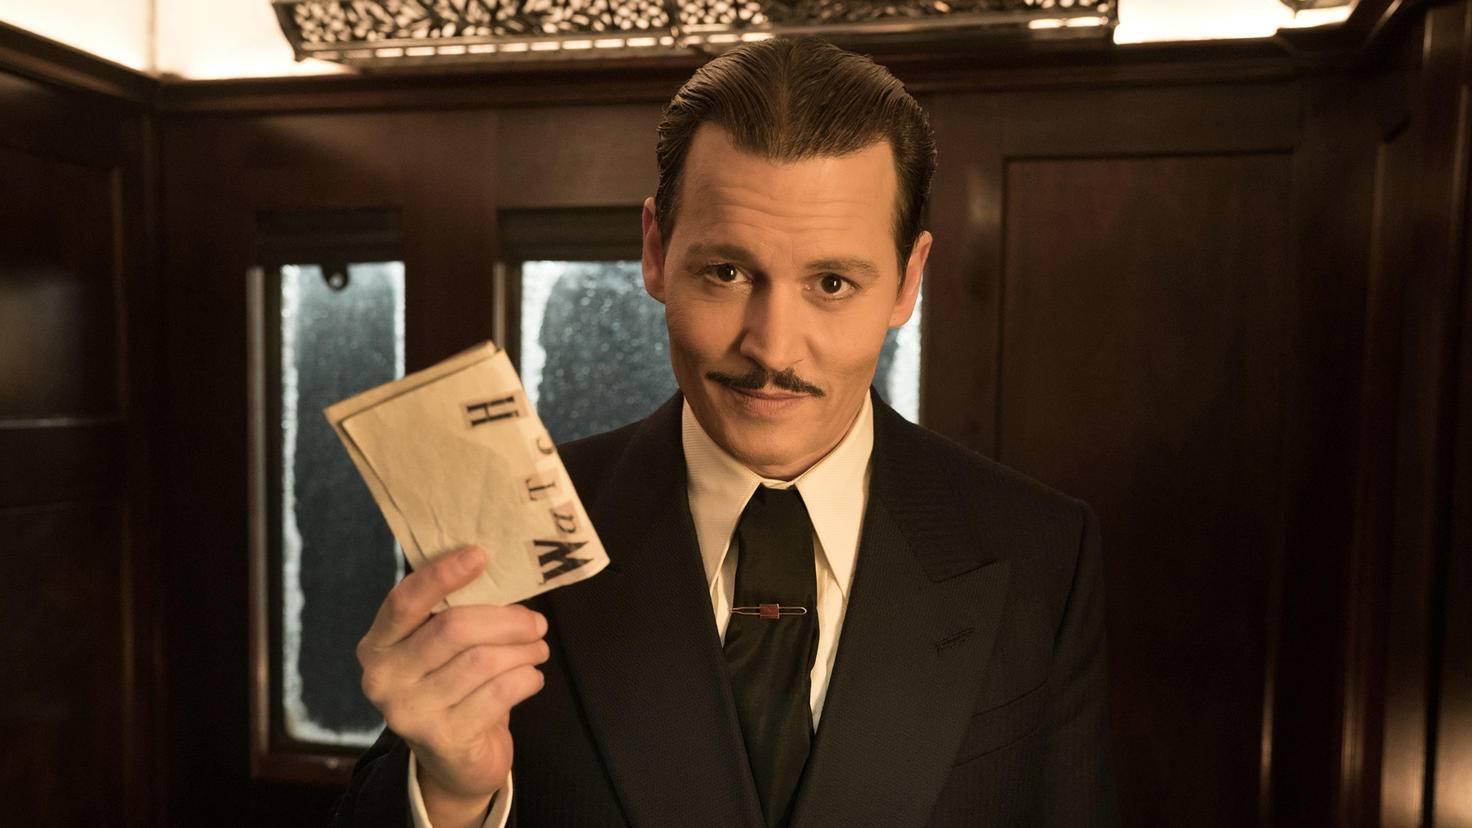 Welche Rolle spielt der mysteriöse Mr. Ratchett (Johnny Depp)?